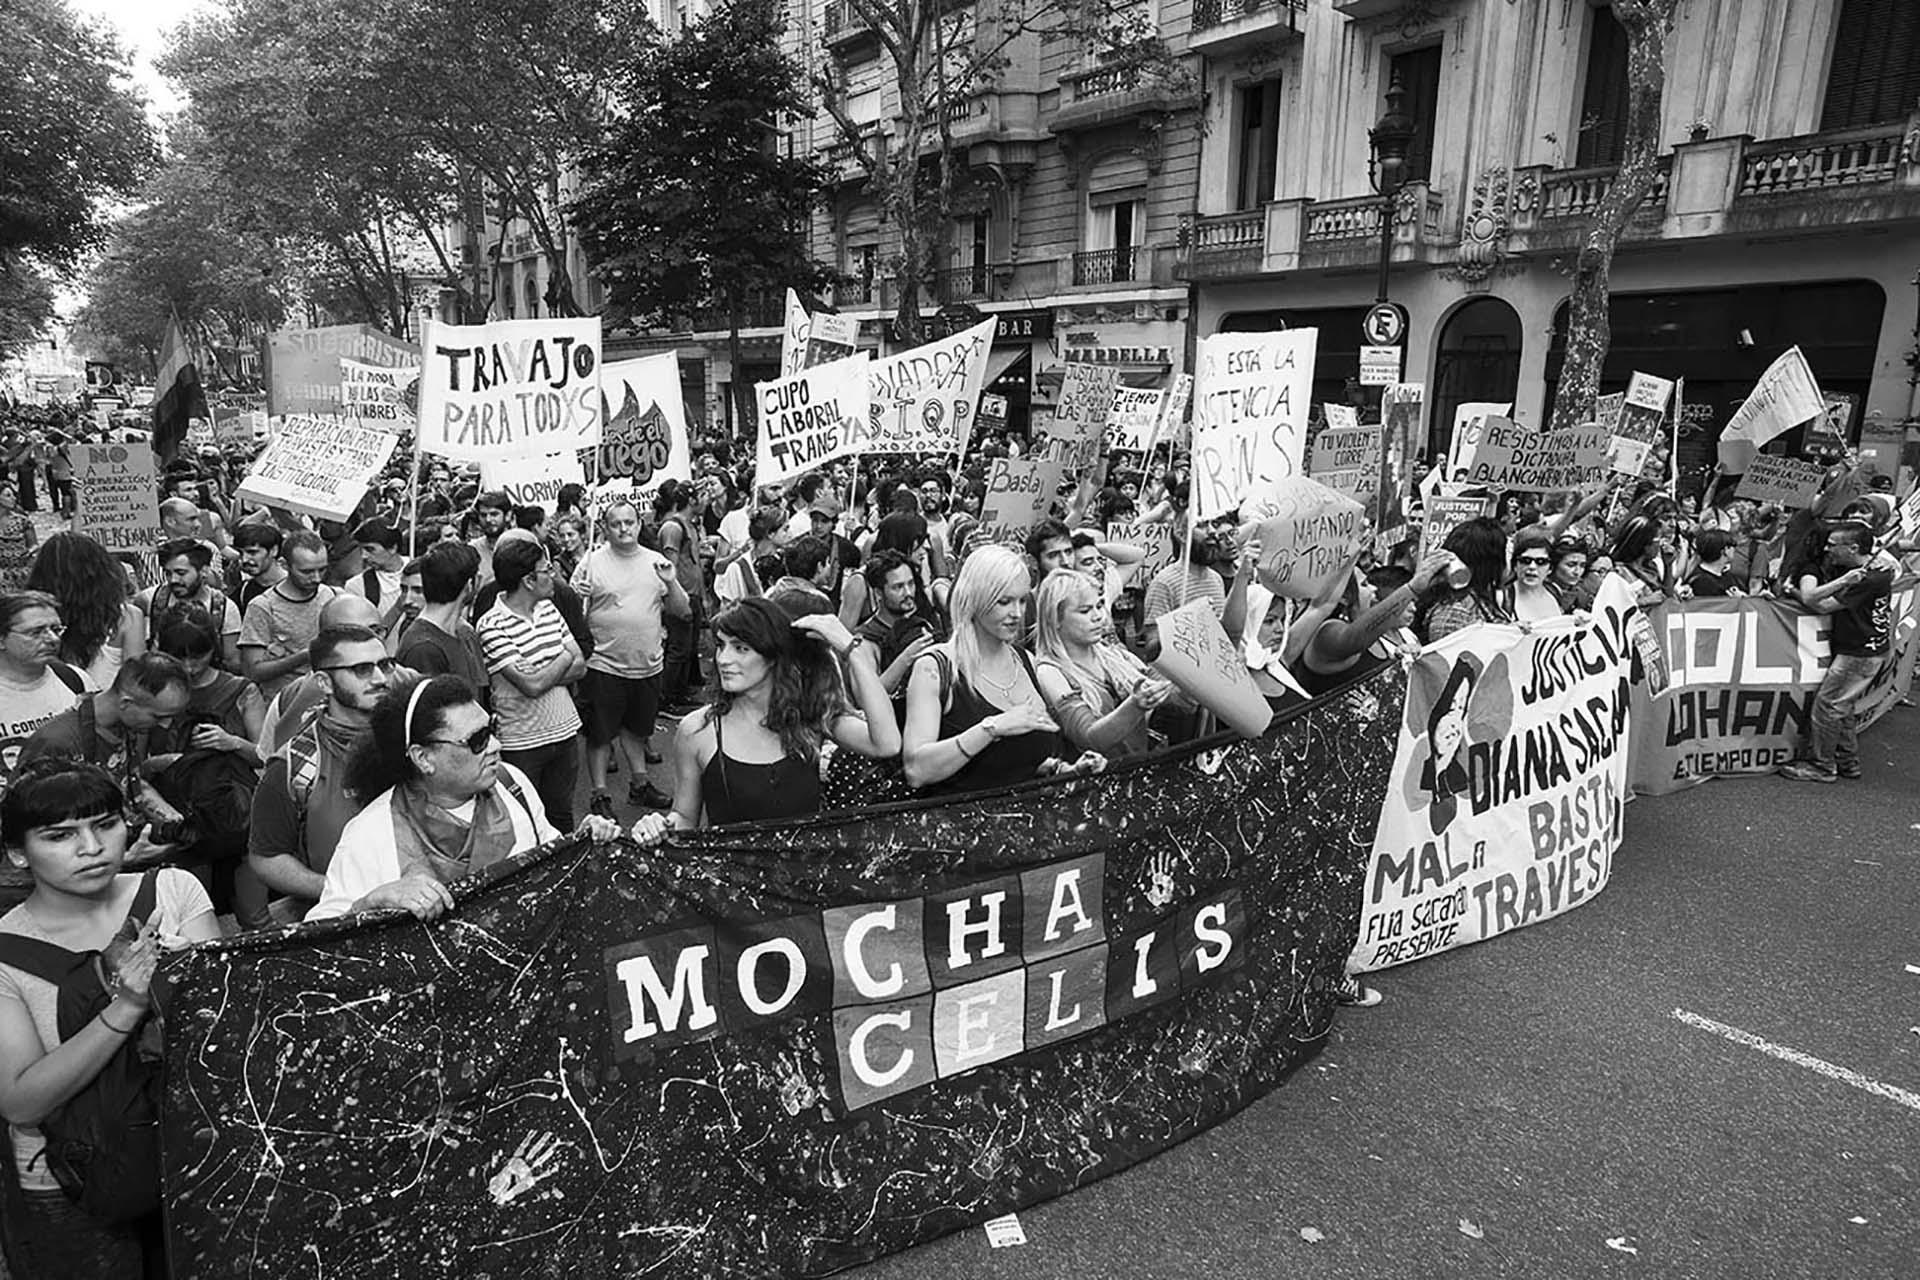 La comunidad educativa del Mocha Celis, manifestándose por los derechos de las personas trans